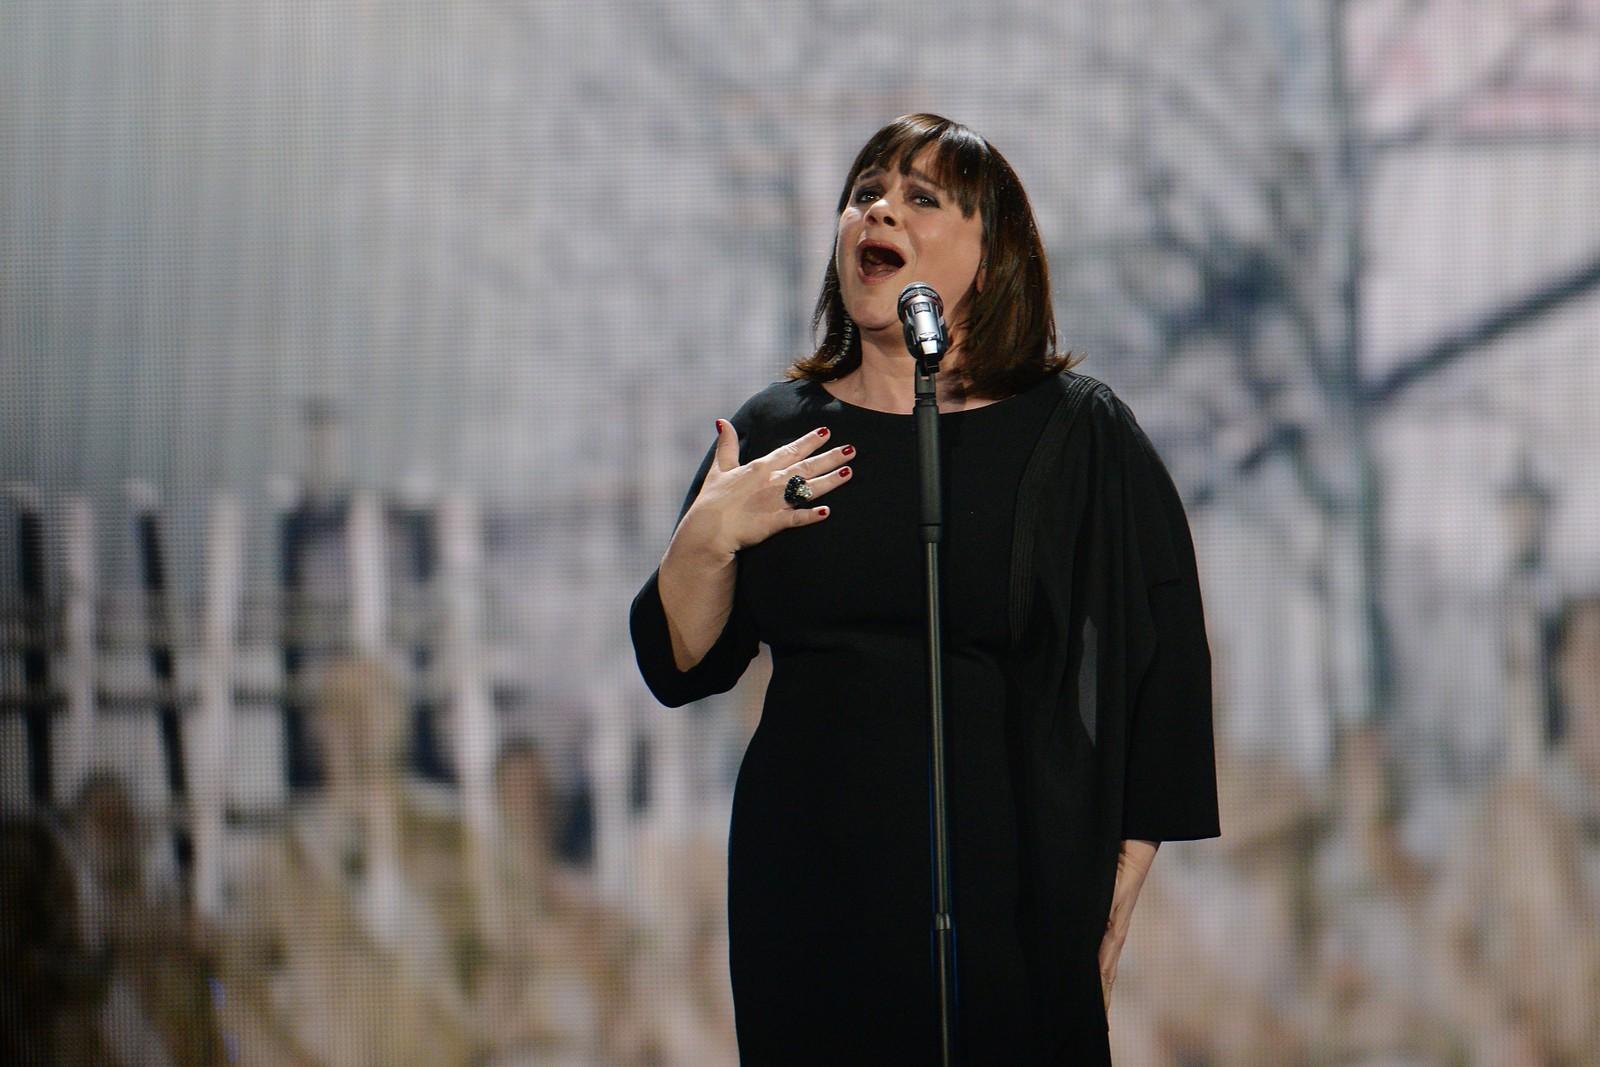 2. FRANKRIKE: Artist Lisa Angell tar seg av krigsnostalgien under årets ESC med låten «N'oubliez pas»; «glem ikke». Låten ble første gang fremført i november, under en minneseremoni for første verdenskrig.